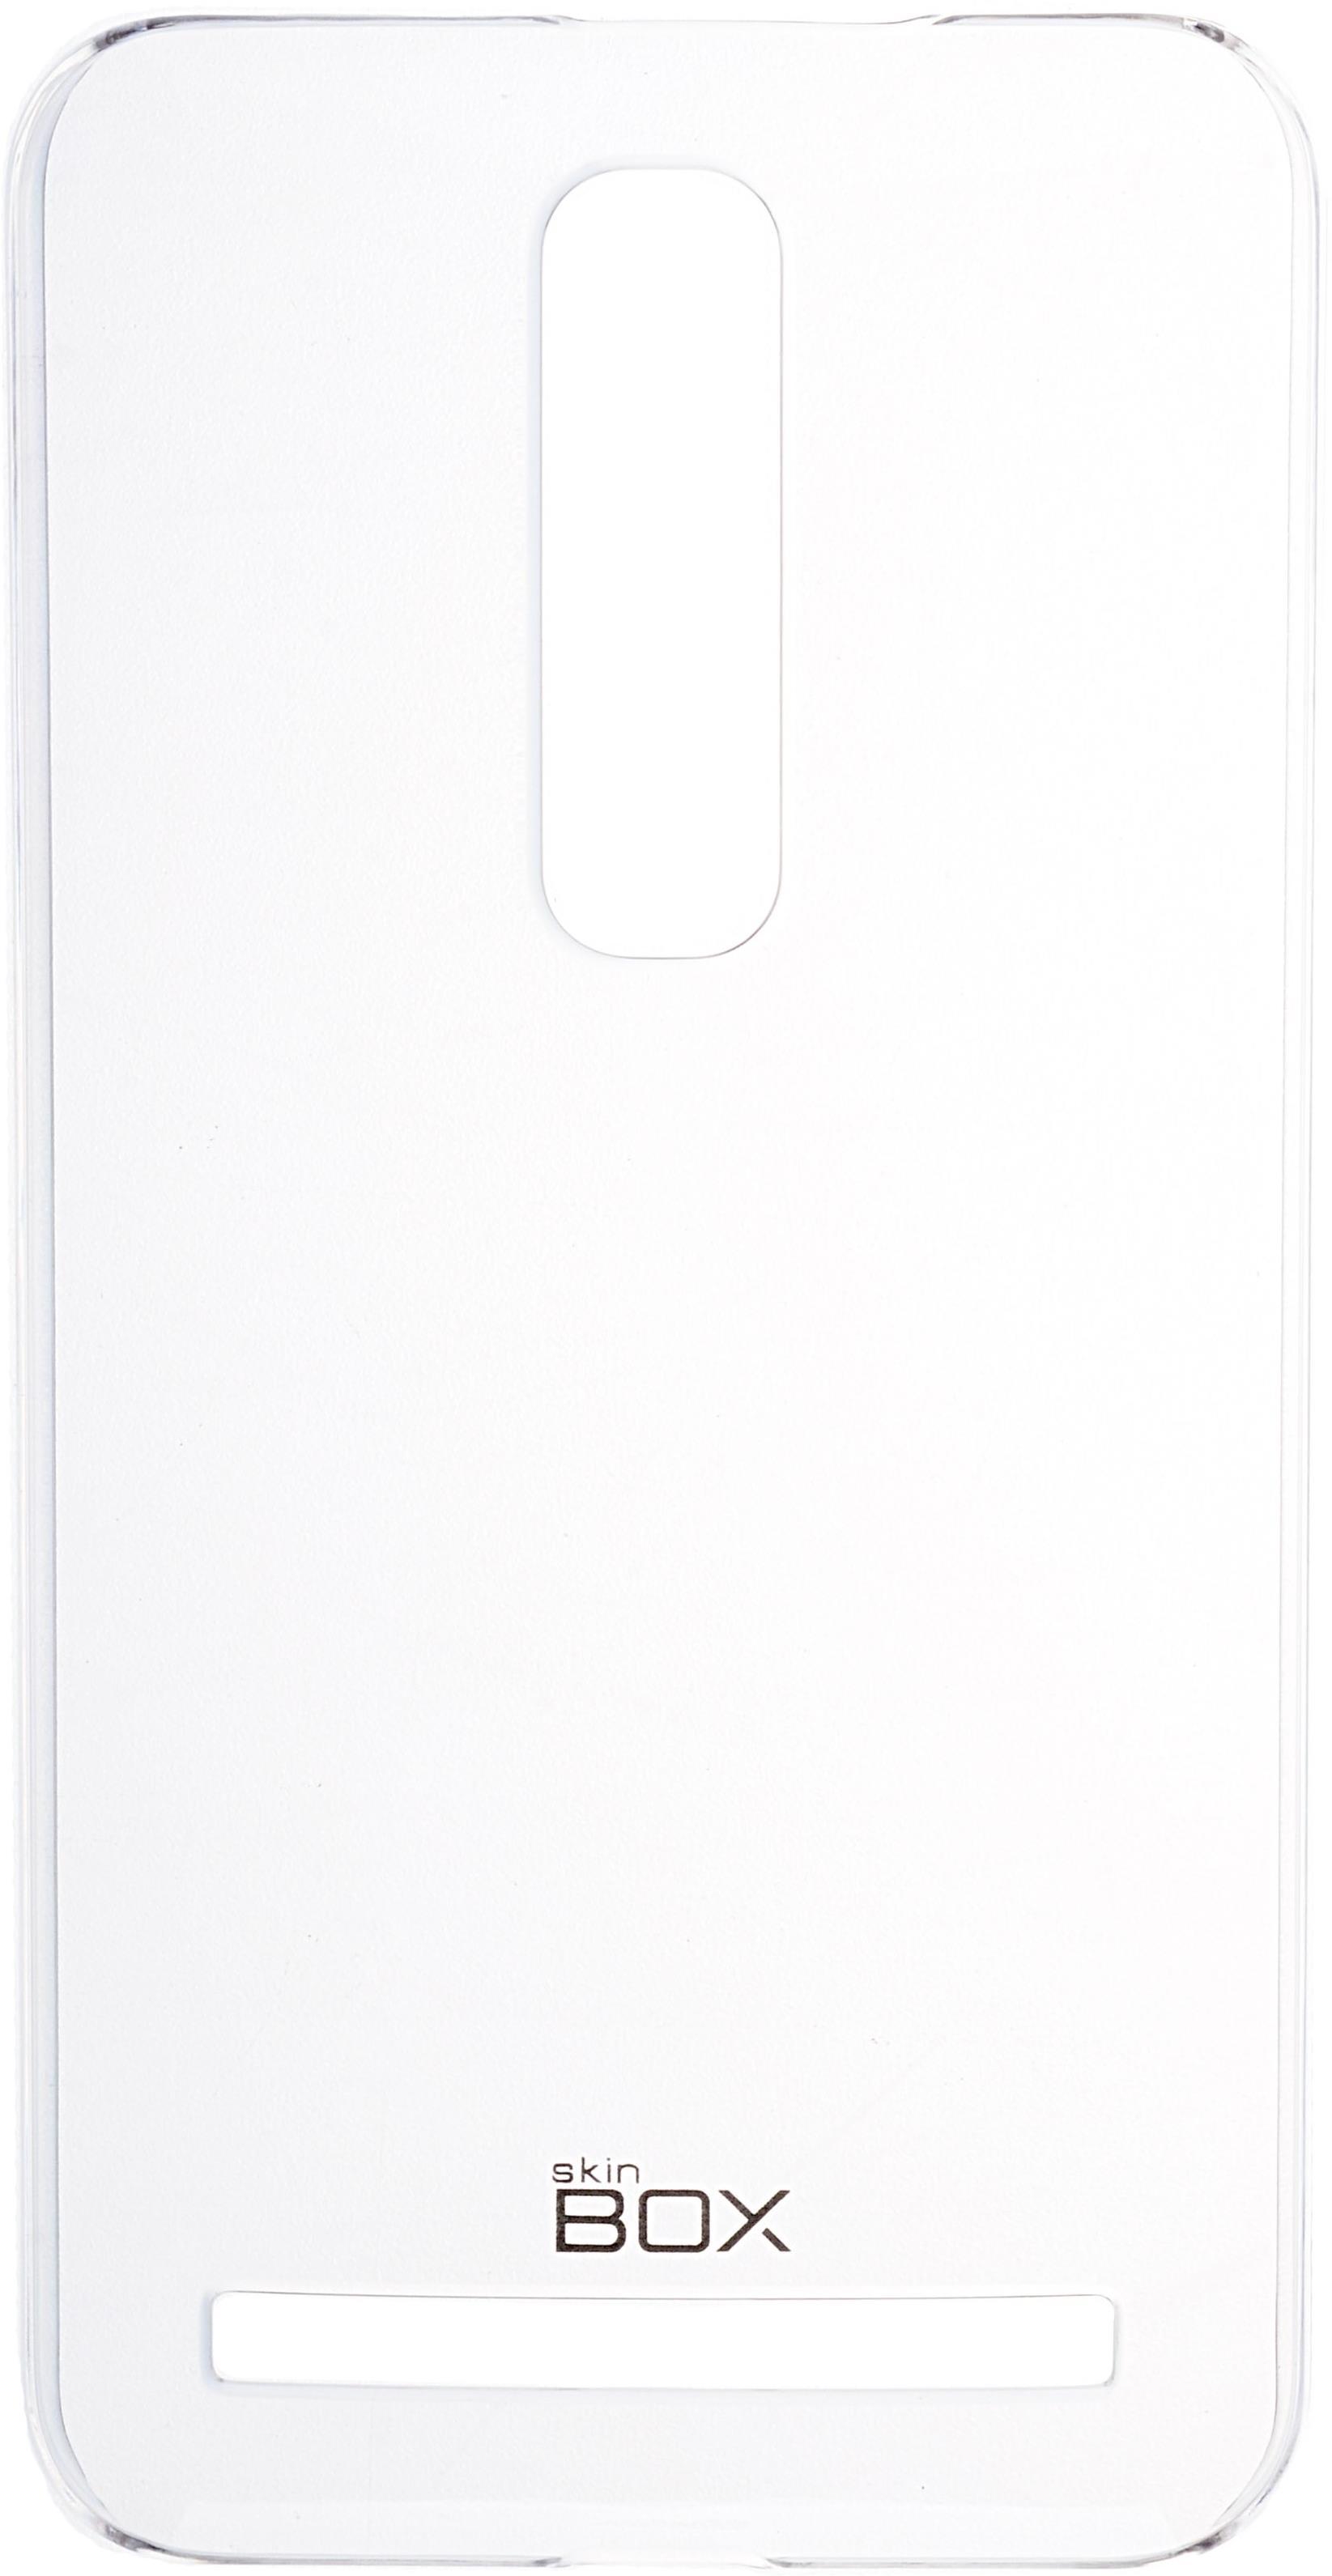 Чехол для сотового телефона skinBOX Crystal, 4630042524903, прозрачный чехол для meizu u20 skinbox 4people shield красный